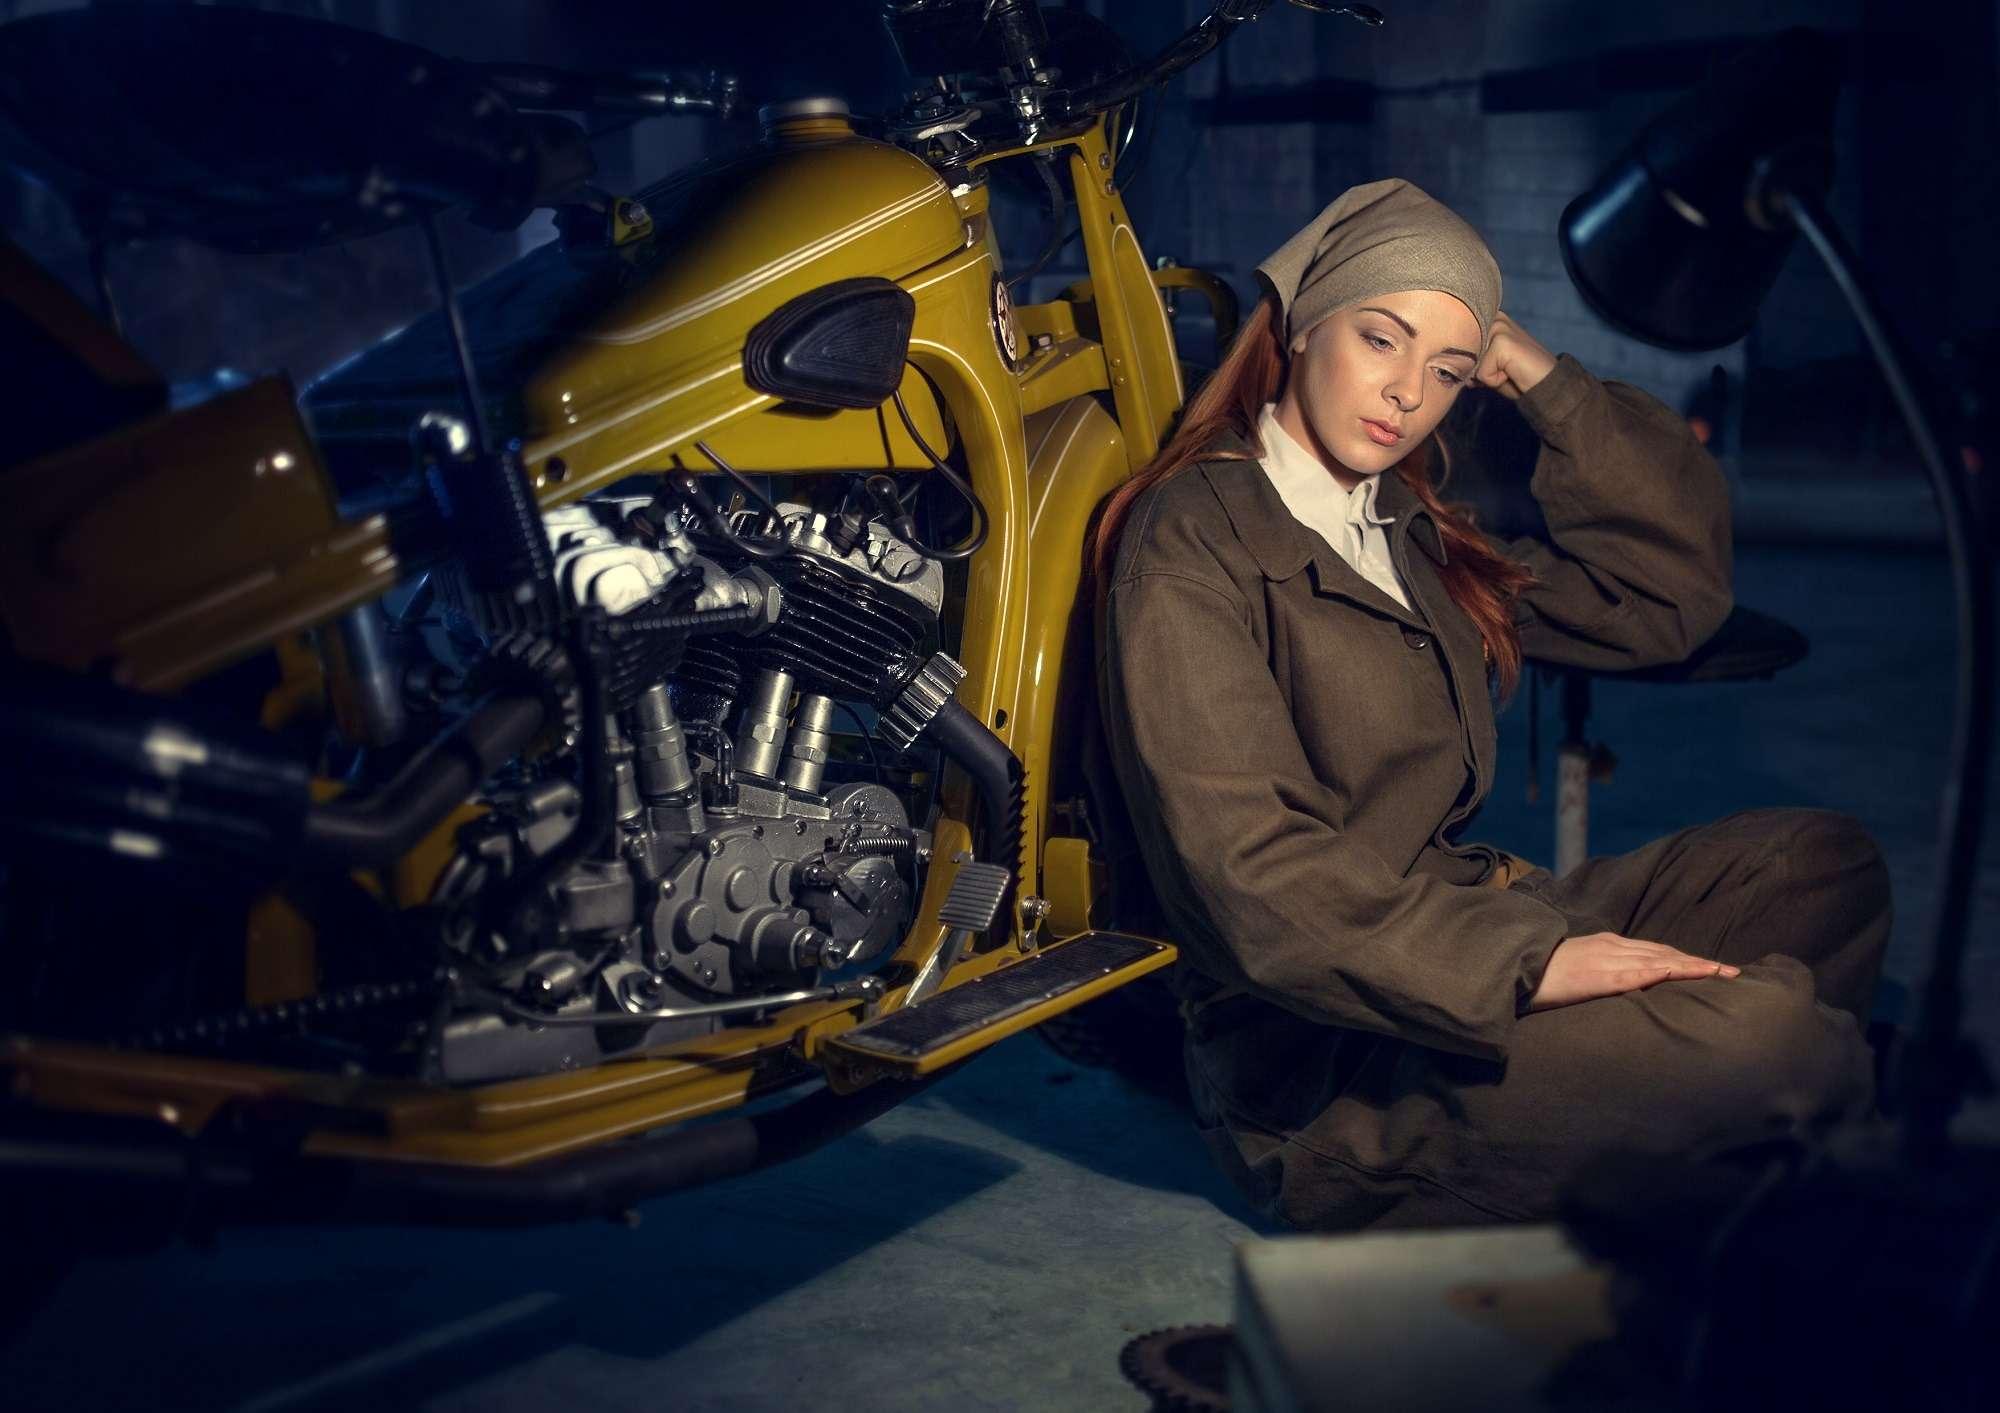 Тяжелый мотоцикл ПМЗ А-750: как Harley-Davidson оказался входовой BMW— фото 927415